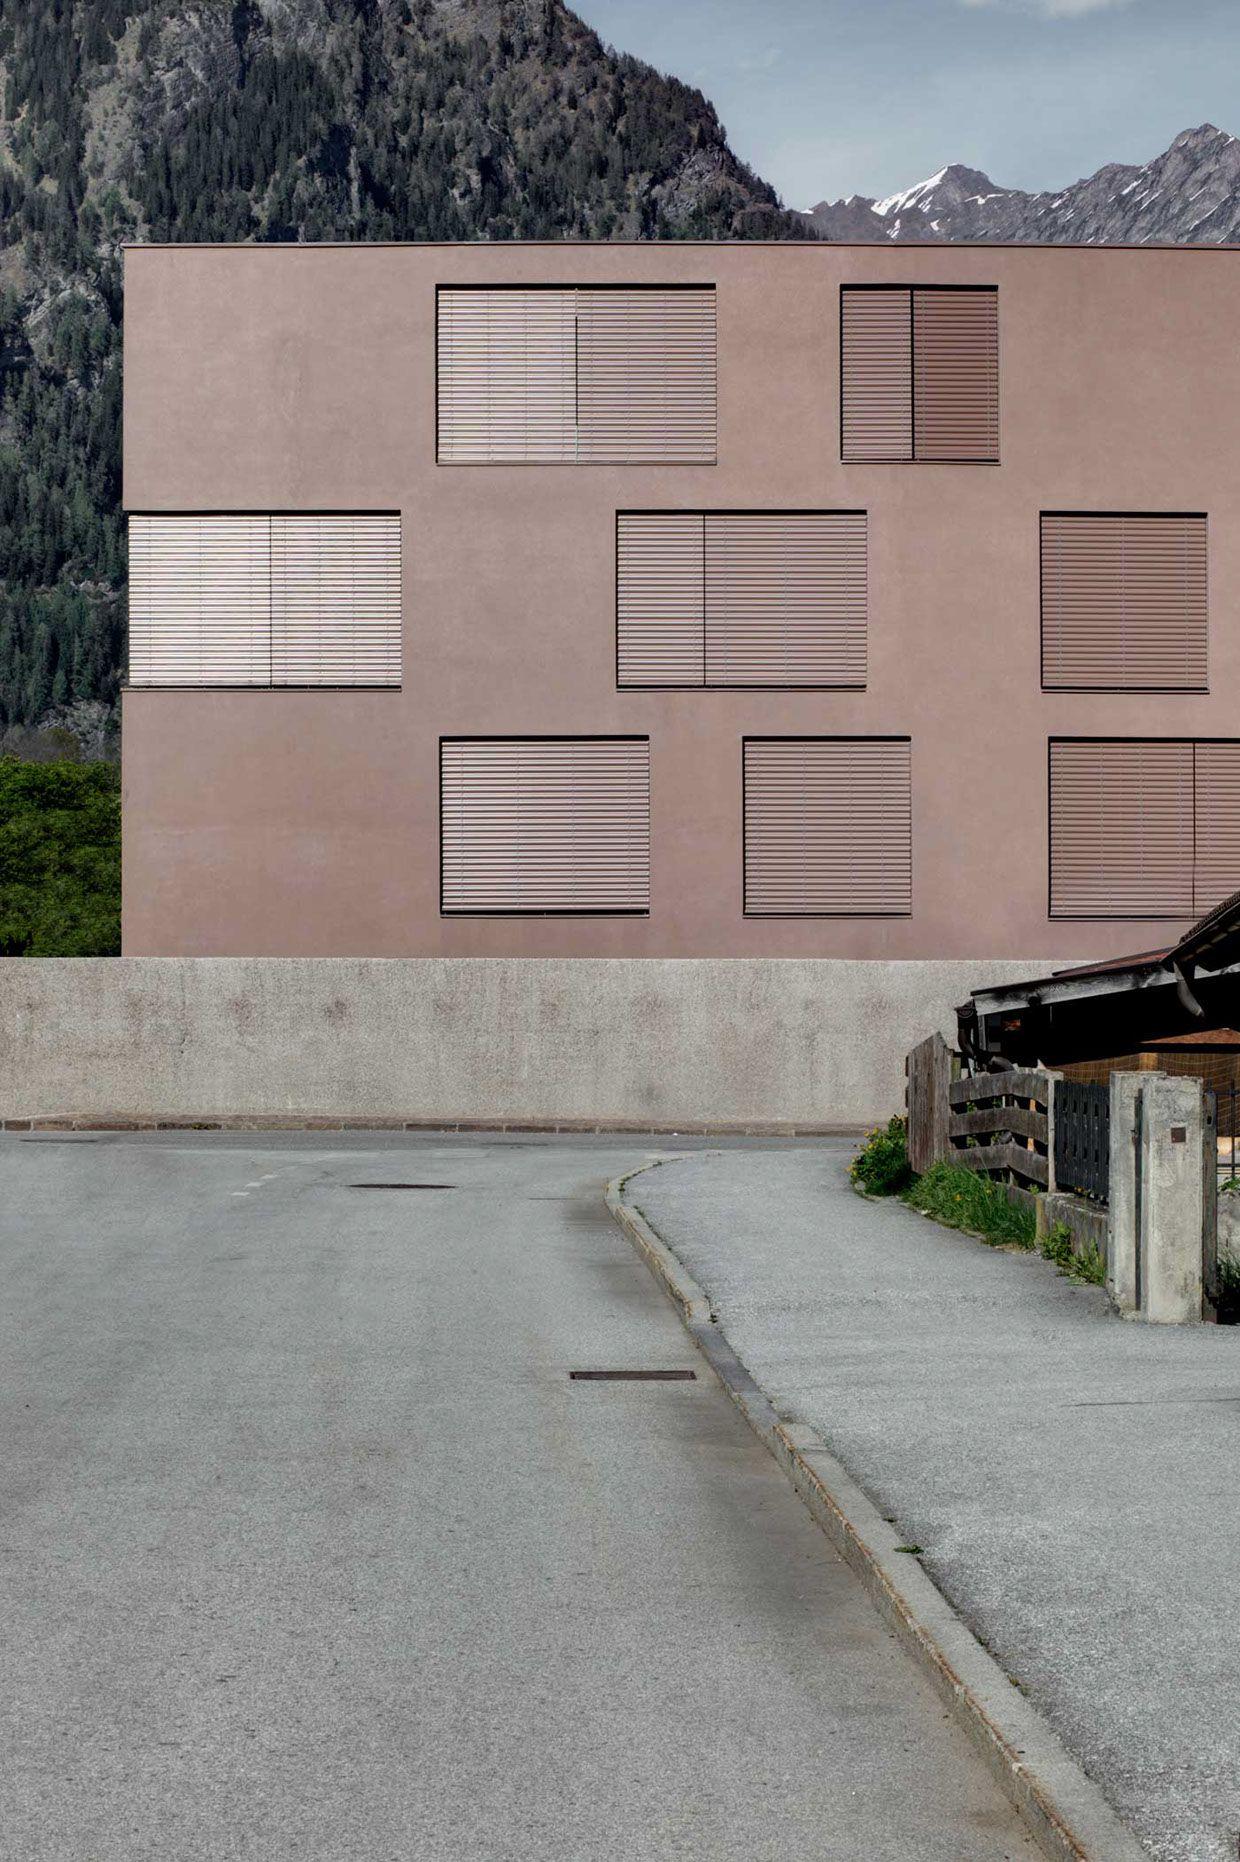 Moderne wohnarchitektur pedevilla architects  pfarr mesnerhaus sterzing  arch  pinterest